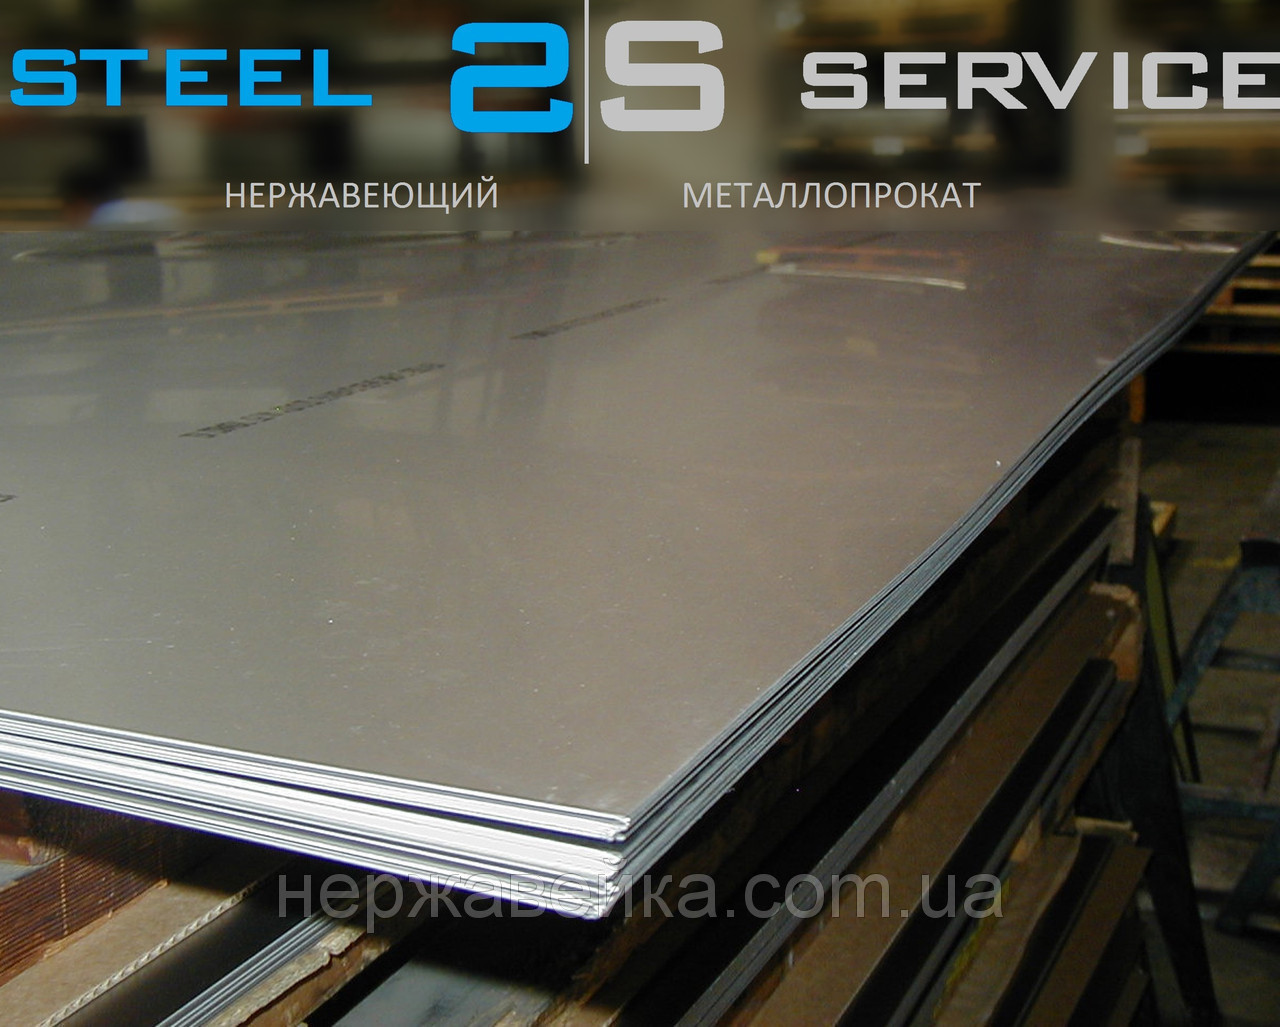 Нержавейка лист 4х1250х2500мм AiSi 201  (12Х15Г9НД) 2B - матовый